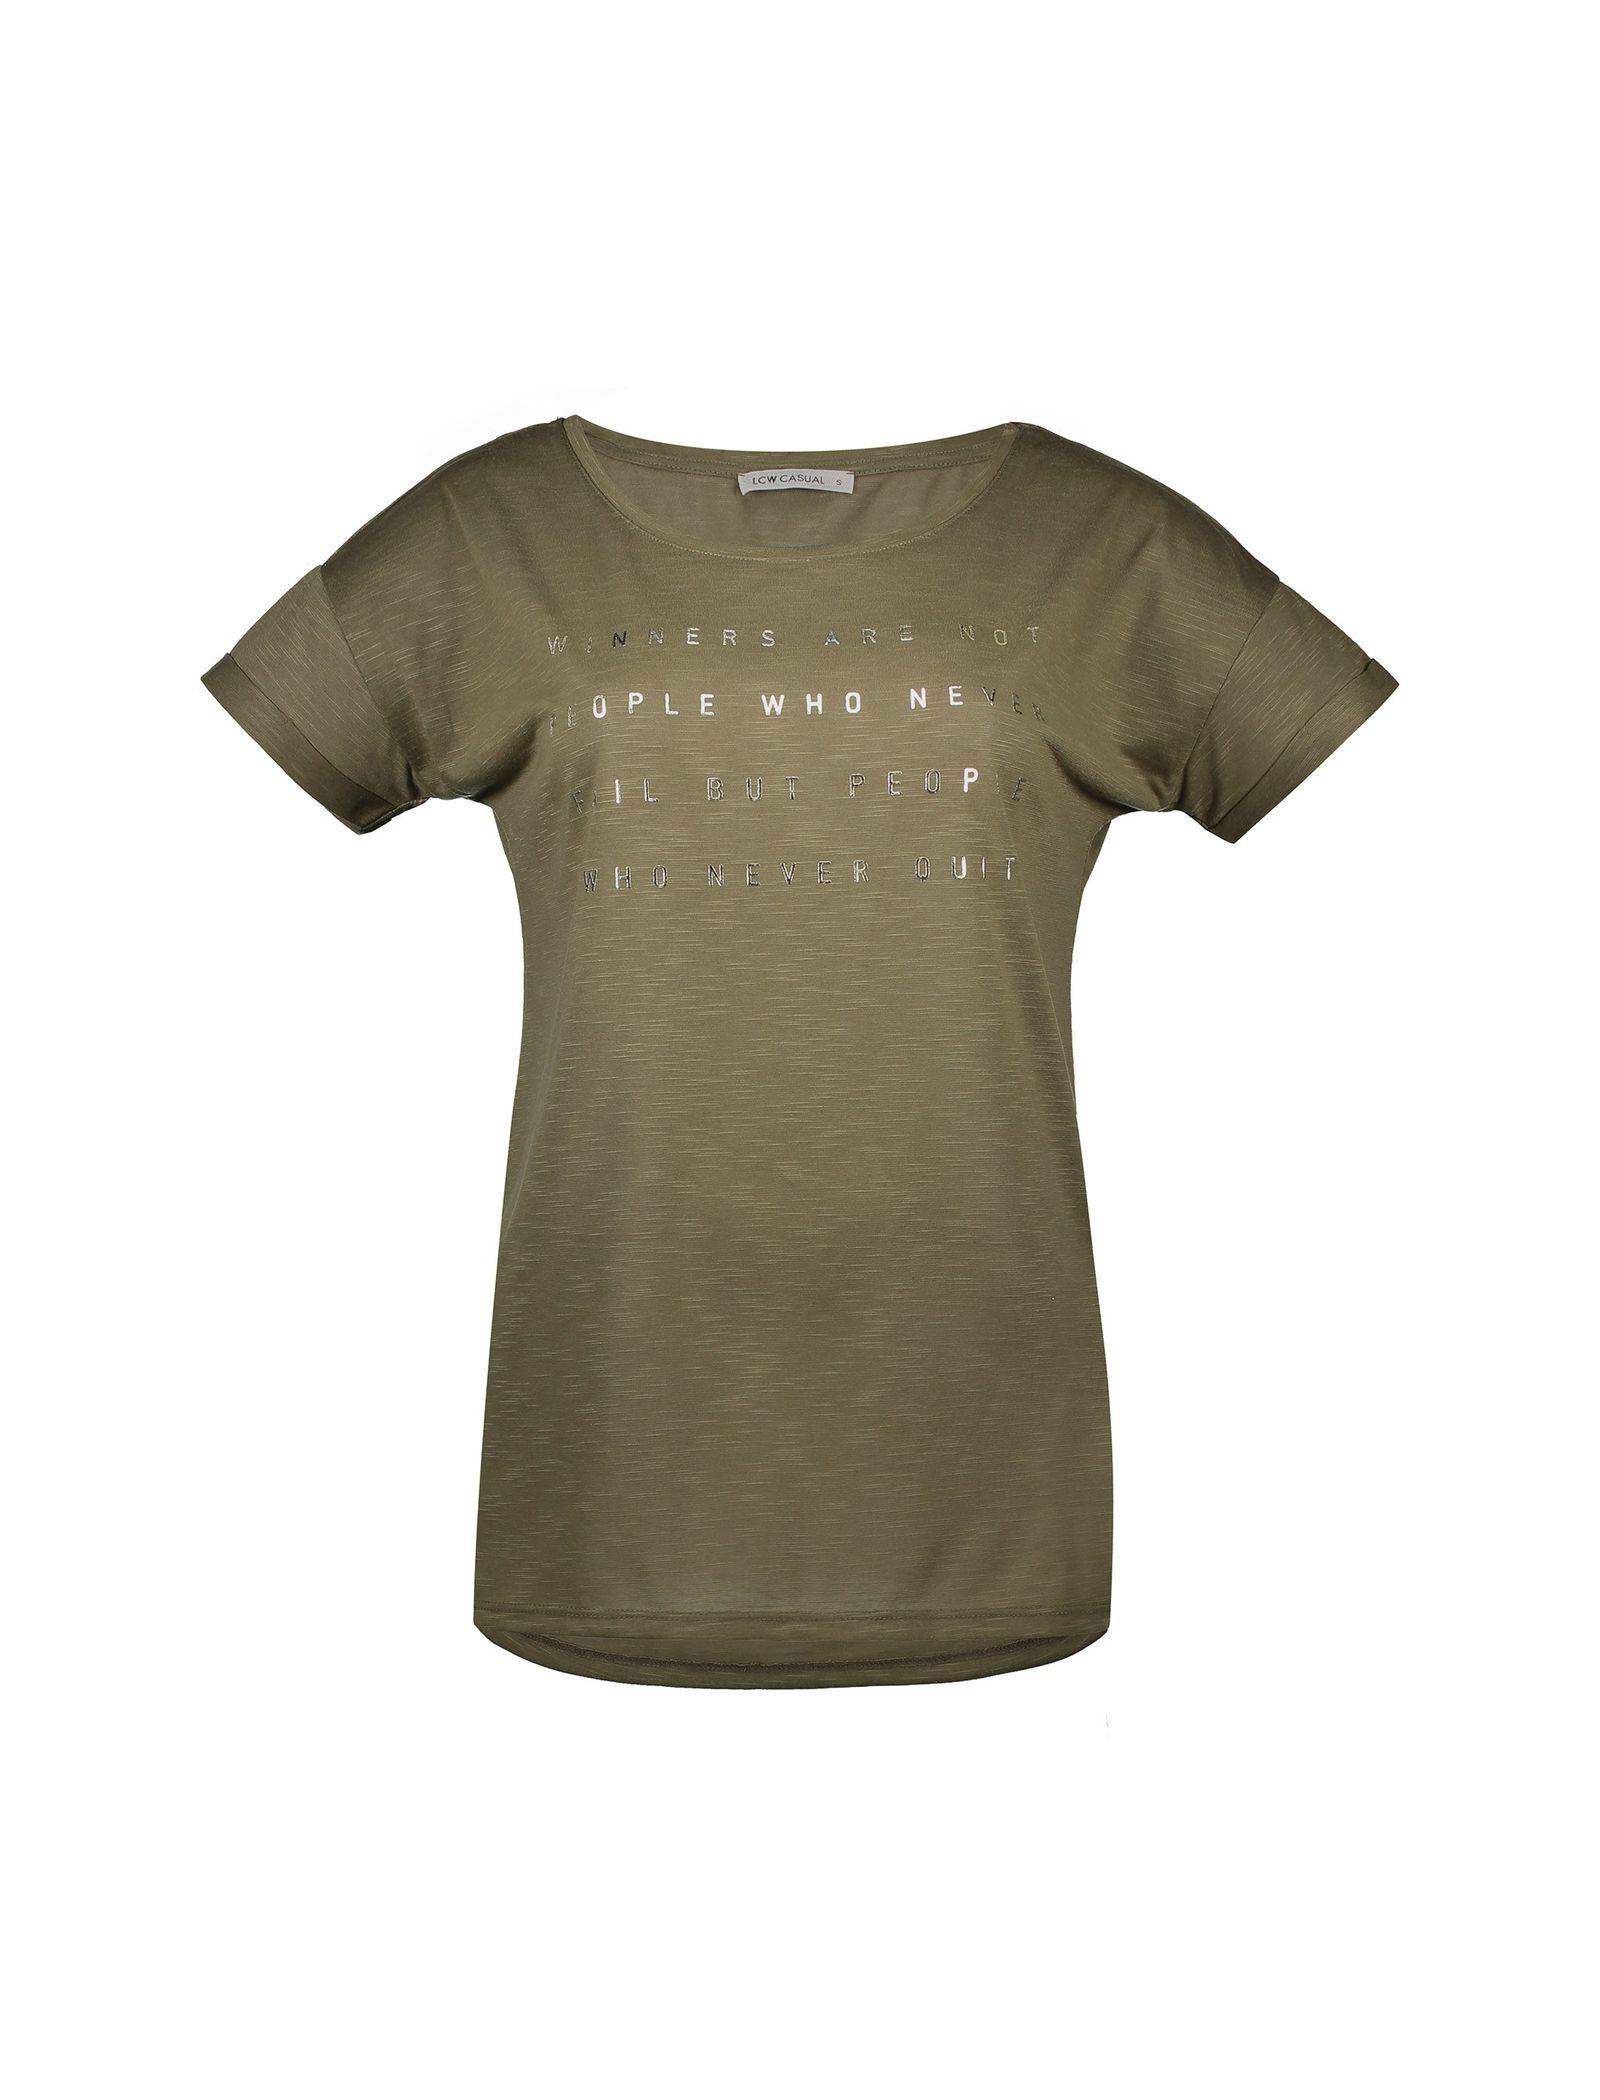 تی شرت یقه گرد زنانه - ال سی وایکیکی - زيتوني - 1